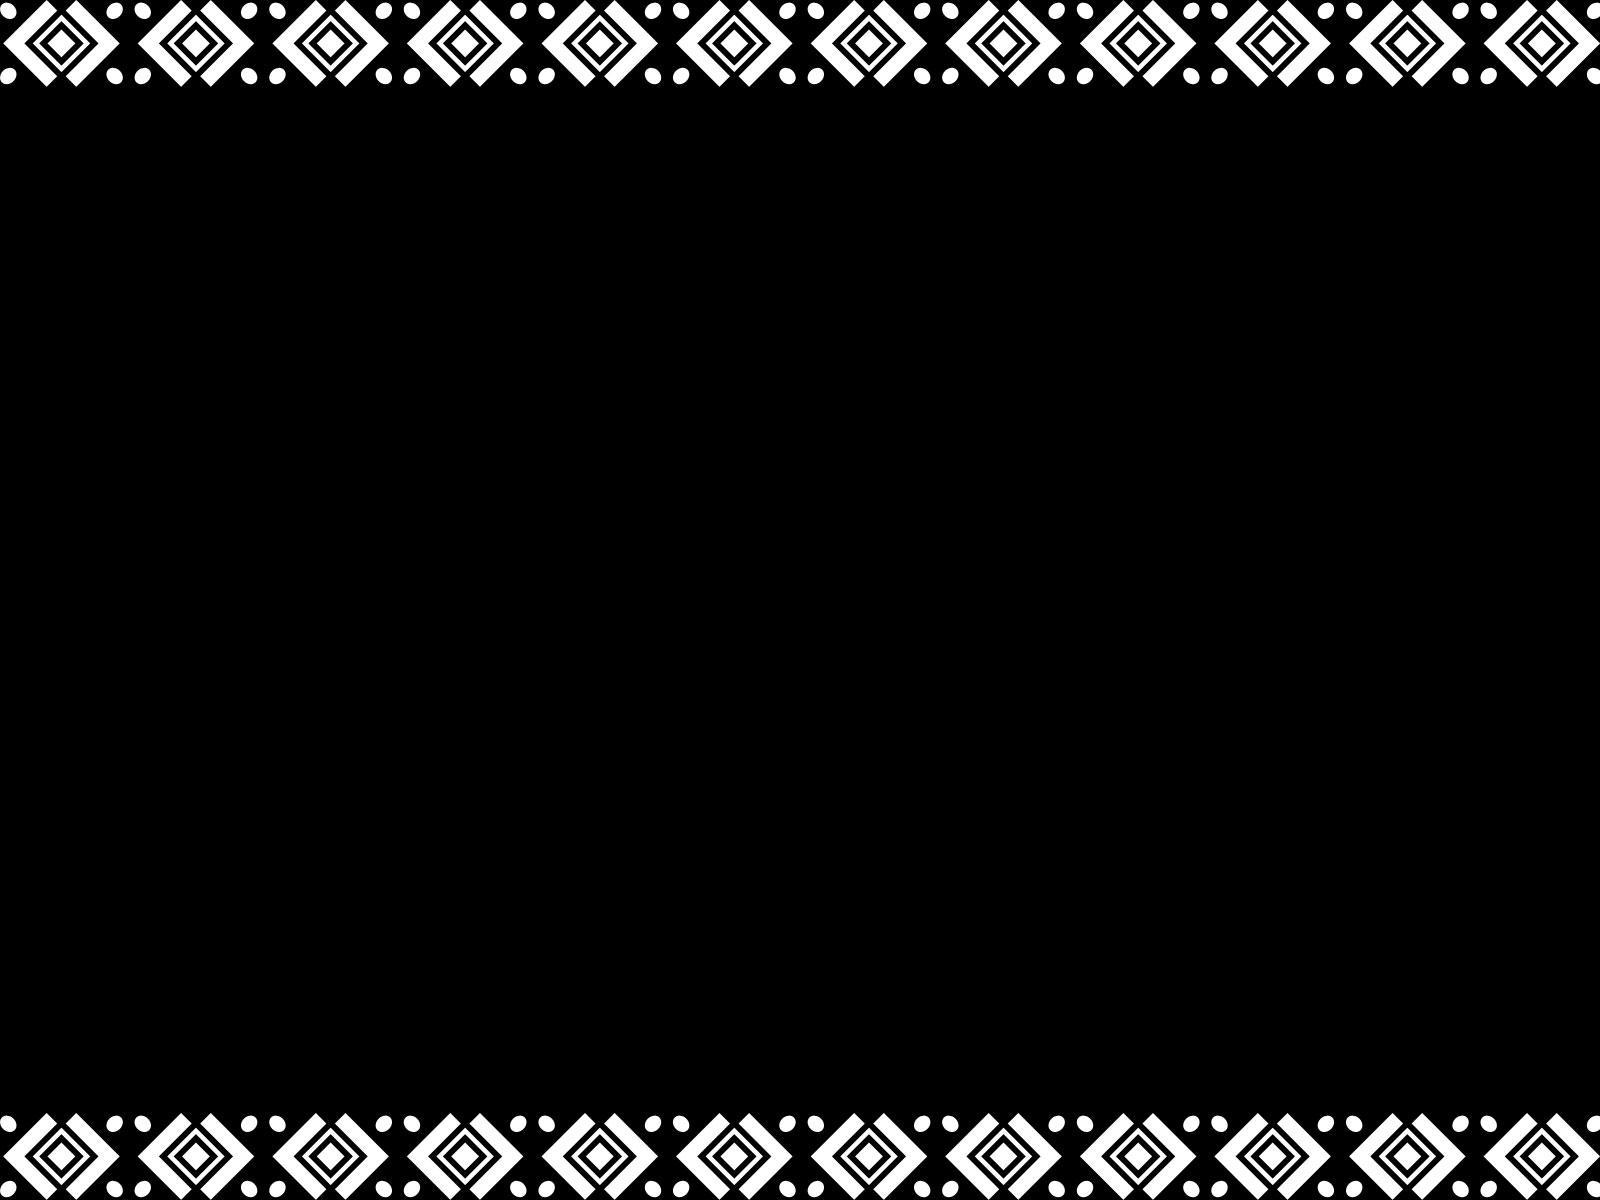 White Border PPT Backgrounds